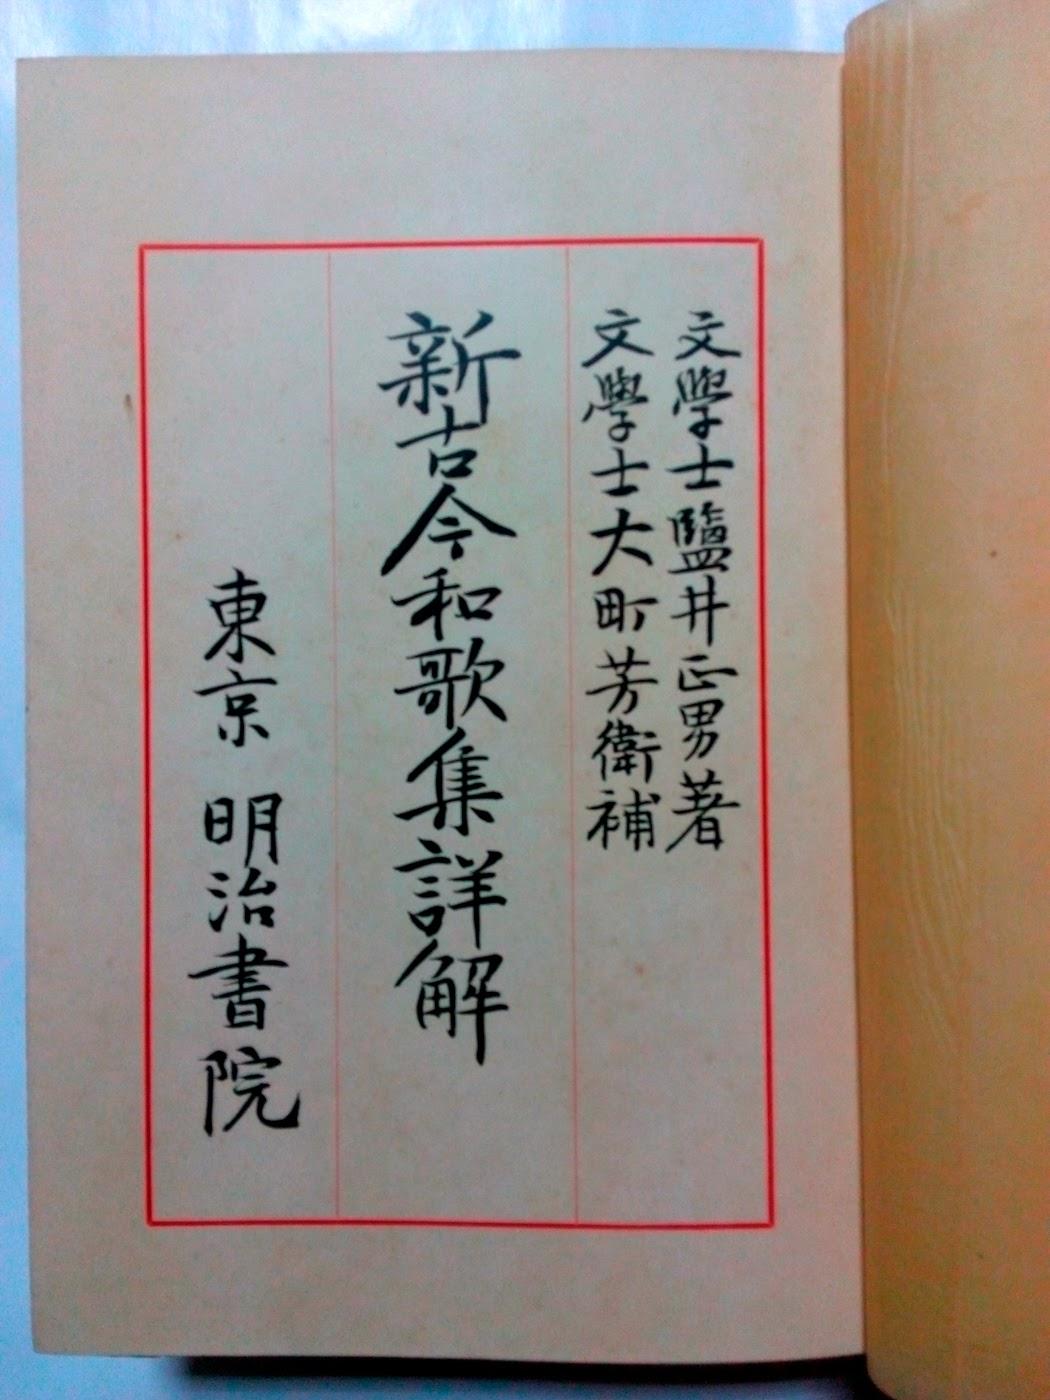 和歌集 古今 古今和歌集の内容・特徴・歌風をわかりやすく解説するよ【醍醐天皇による勅撰和歌集】